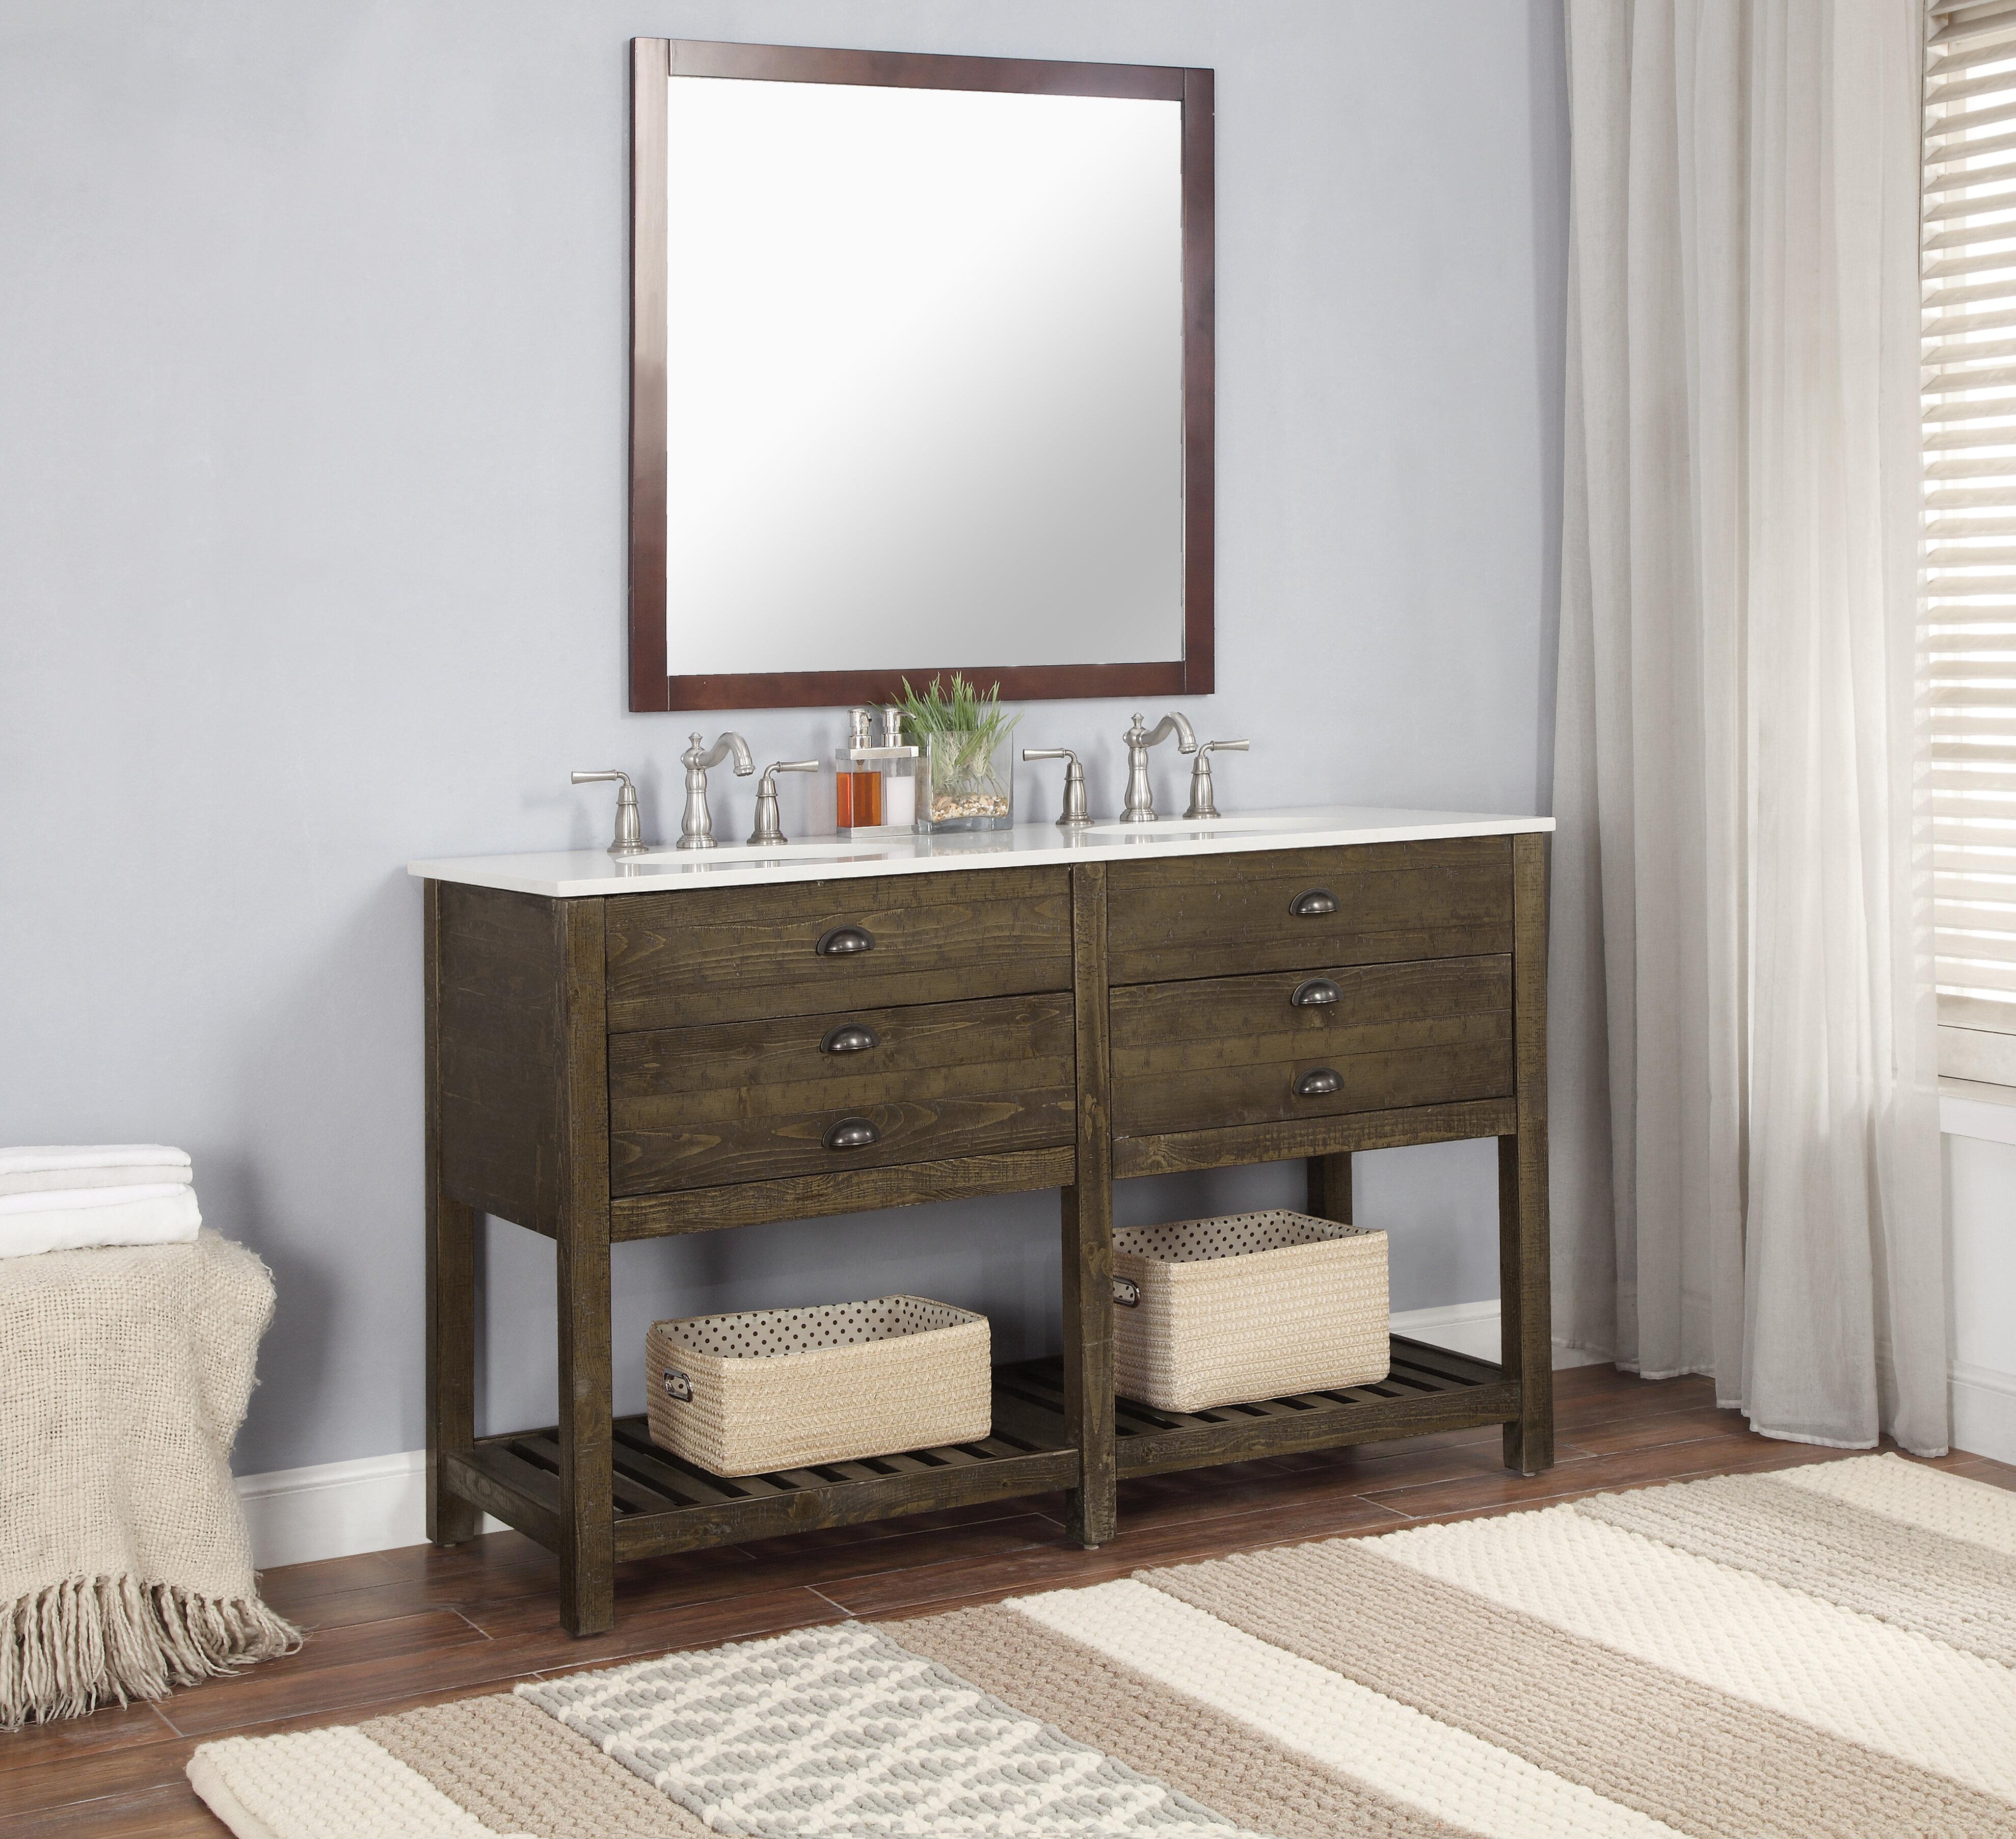 Mercer41 Lafave 2 Drawer 57 Double Bathroom Vanity Reviews Wayfair